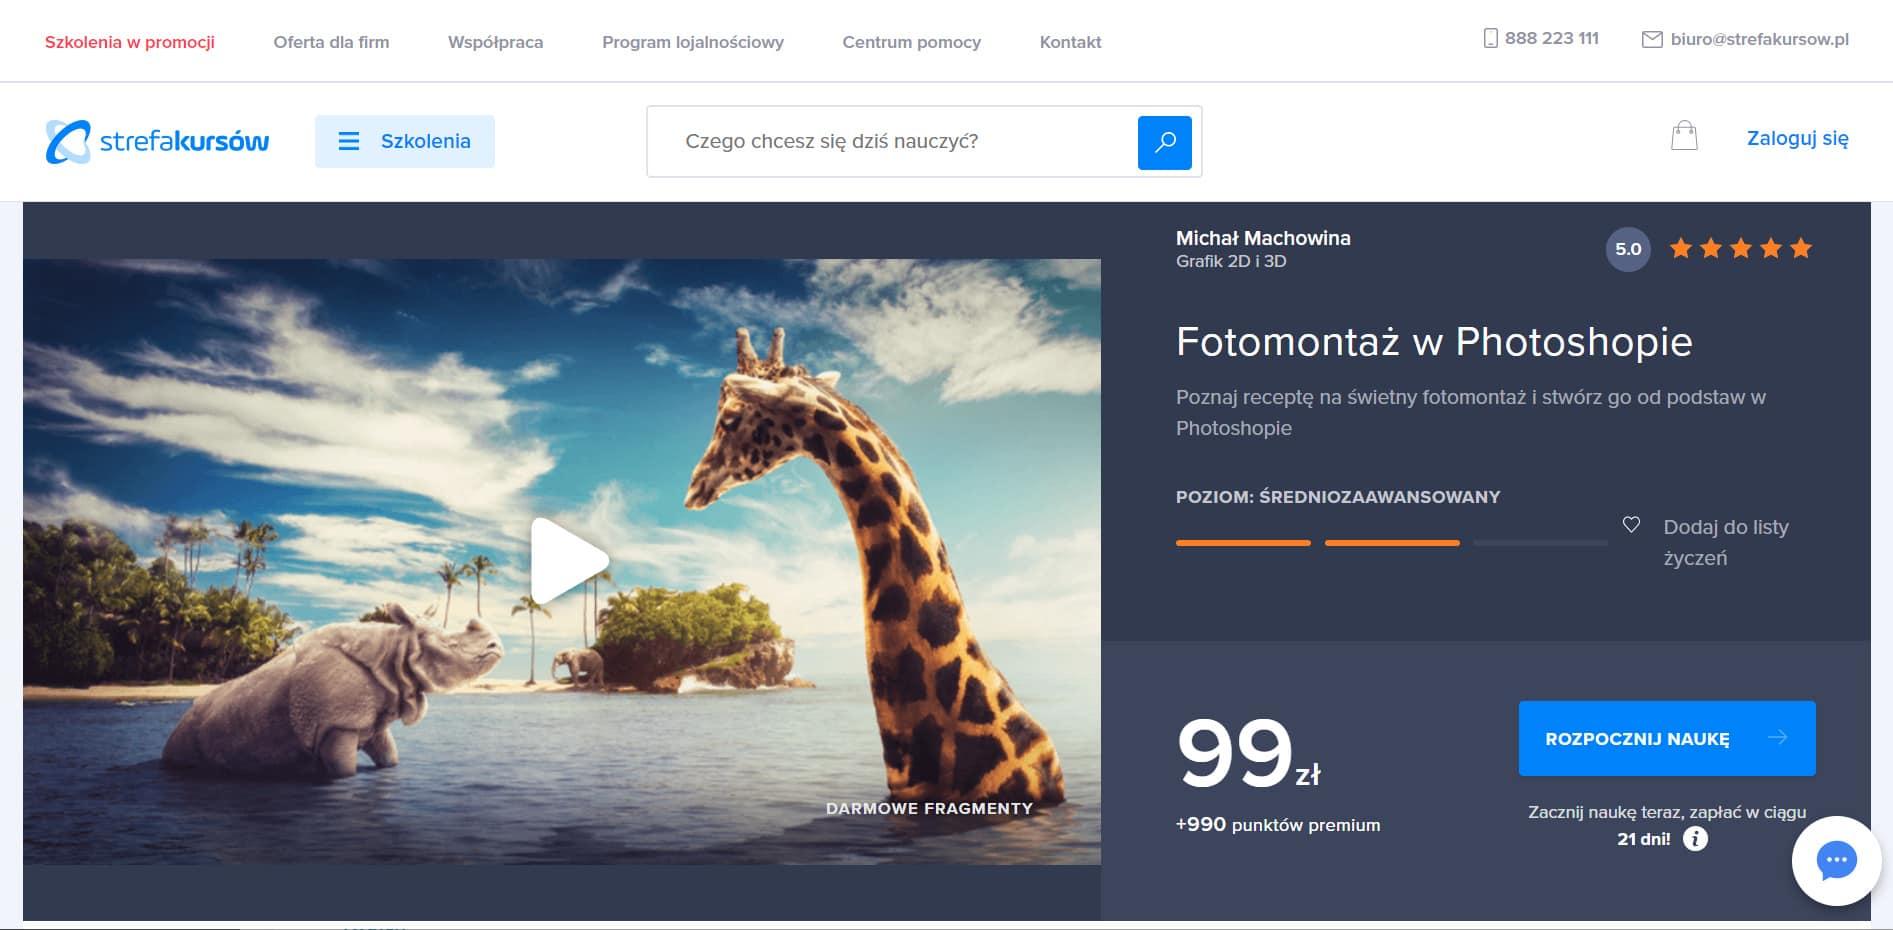 Strefa Kursów - fotomontaż w Photoshopie